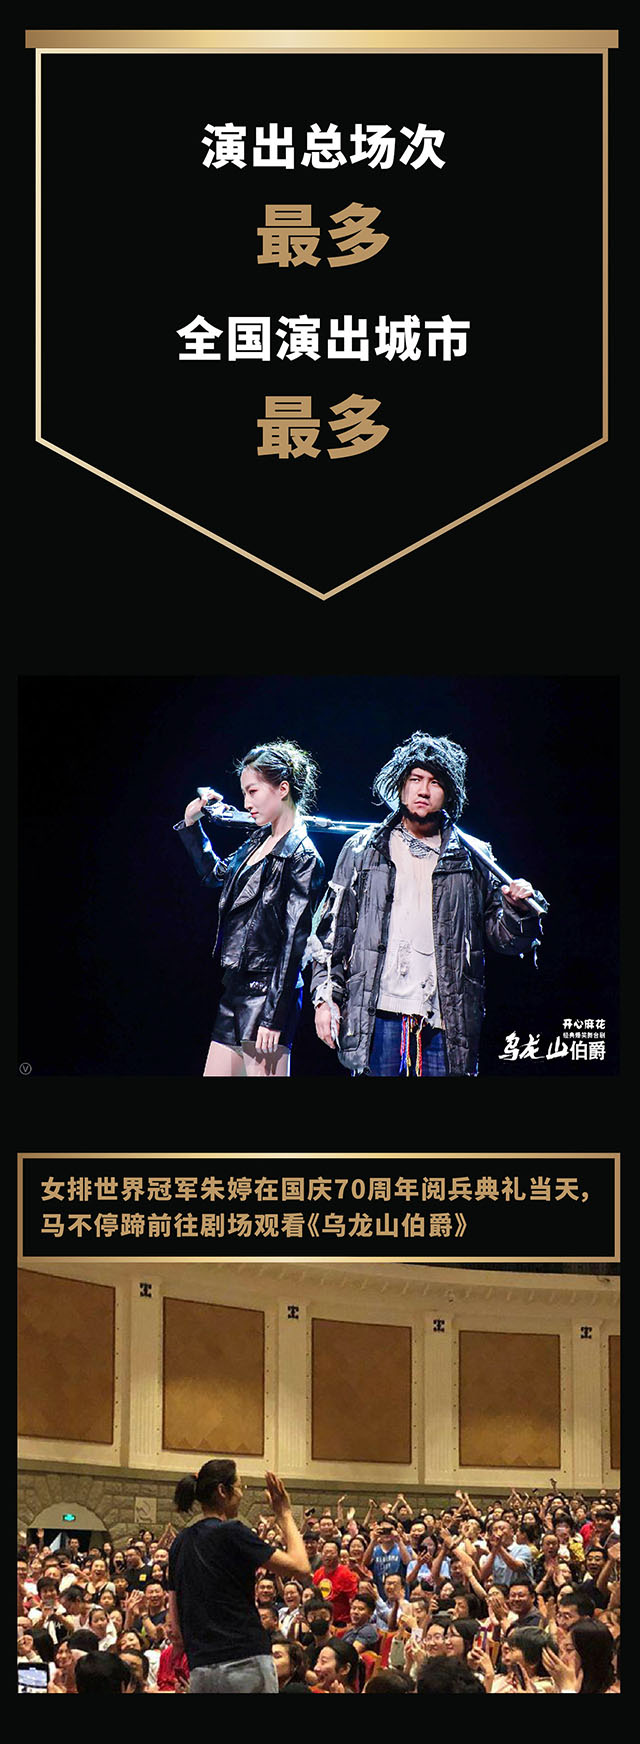 【上海站】开心麻花王牌喜剧《乌龙山伯爵》